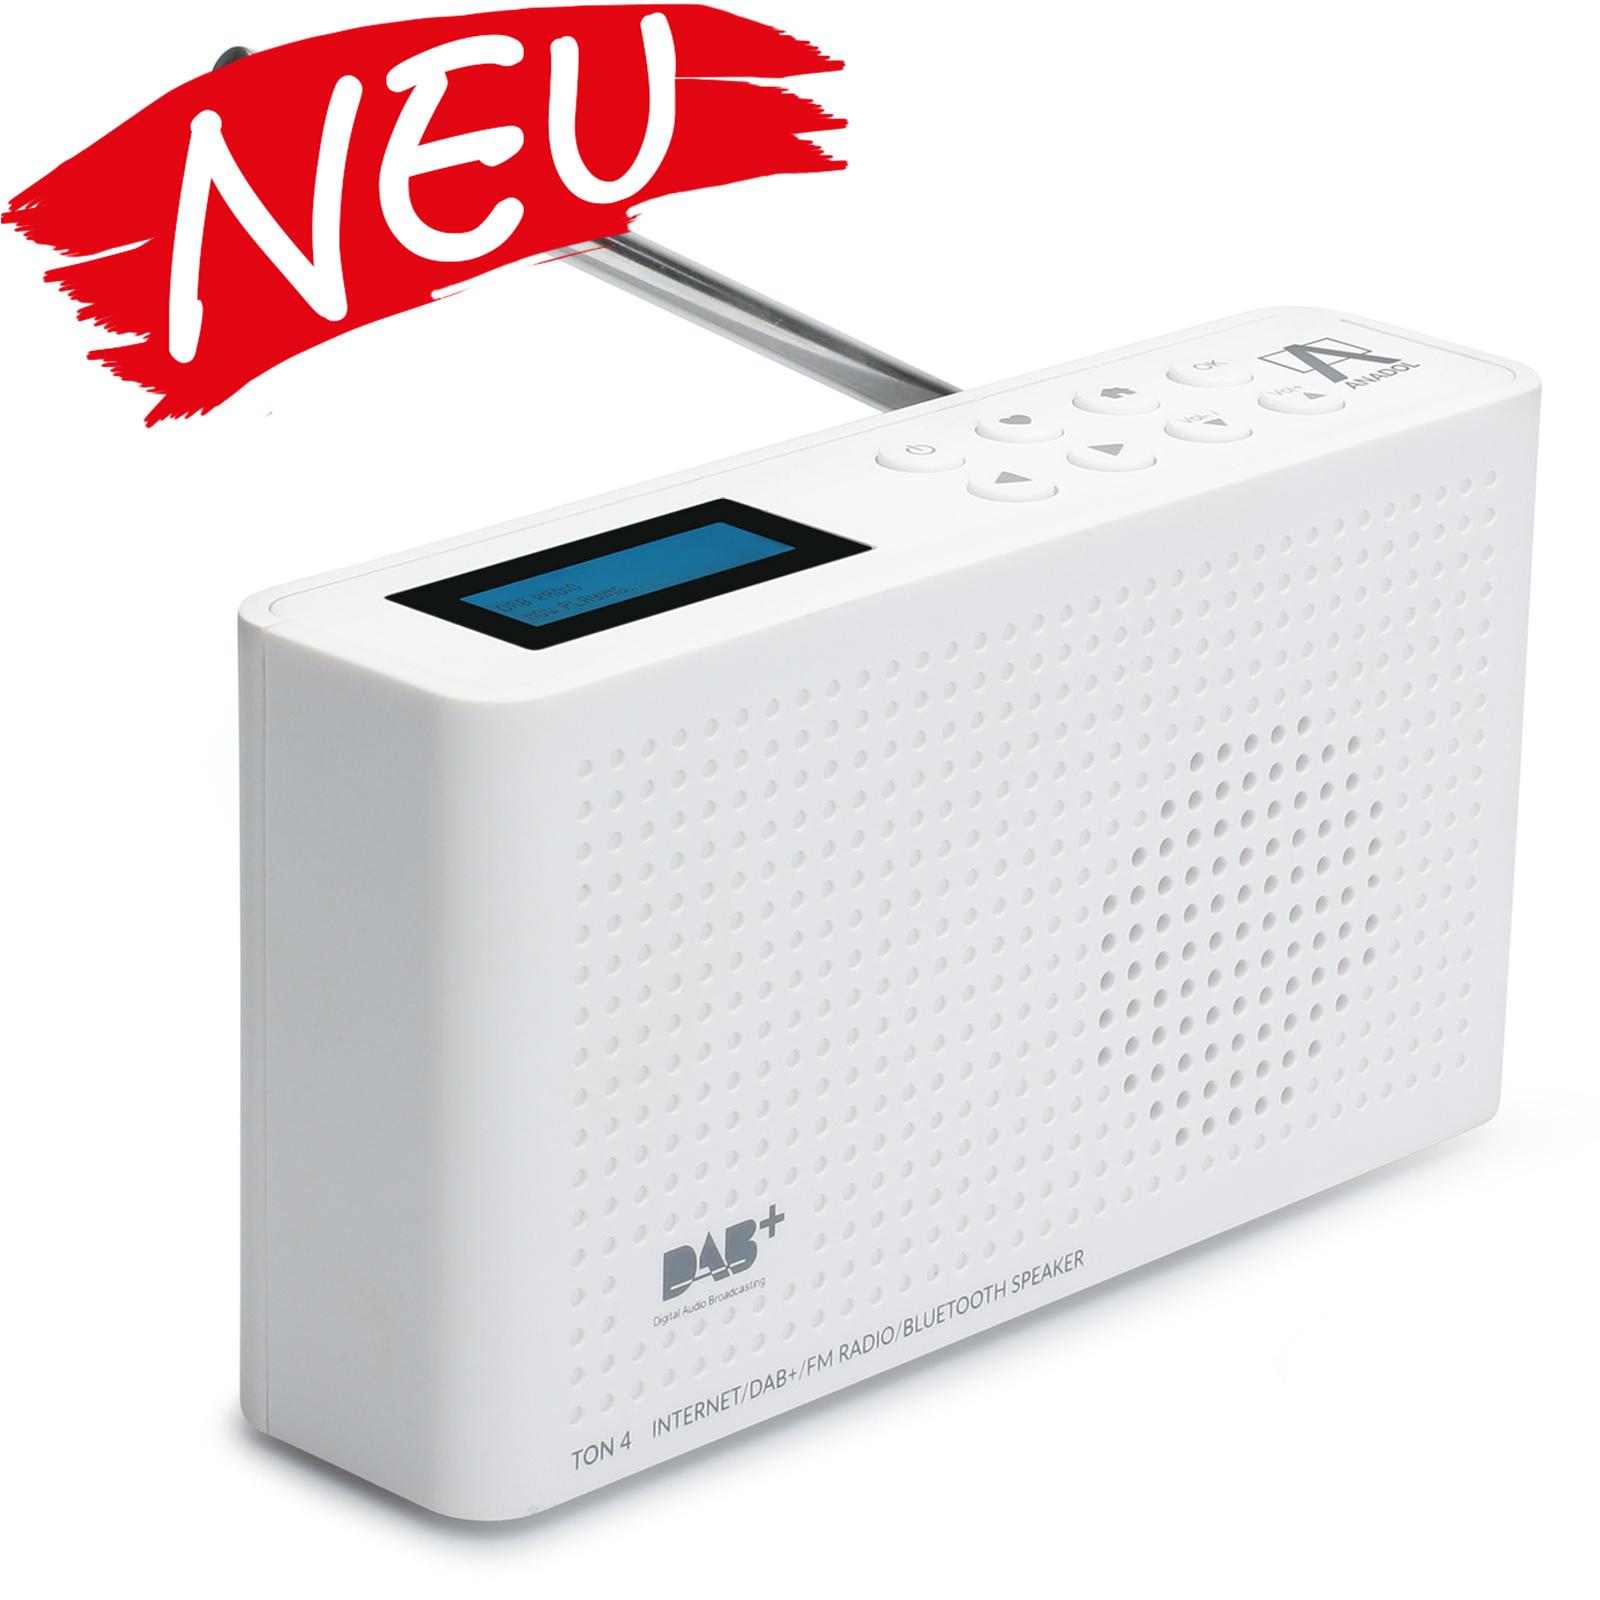 Anadol IDR-1 Internet Radio / DAB+ / FM-UKW / Bluetooth Lautsprecher WLAN - weiß